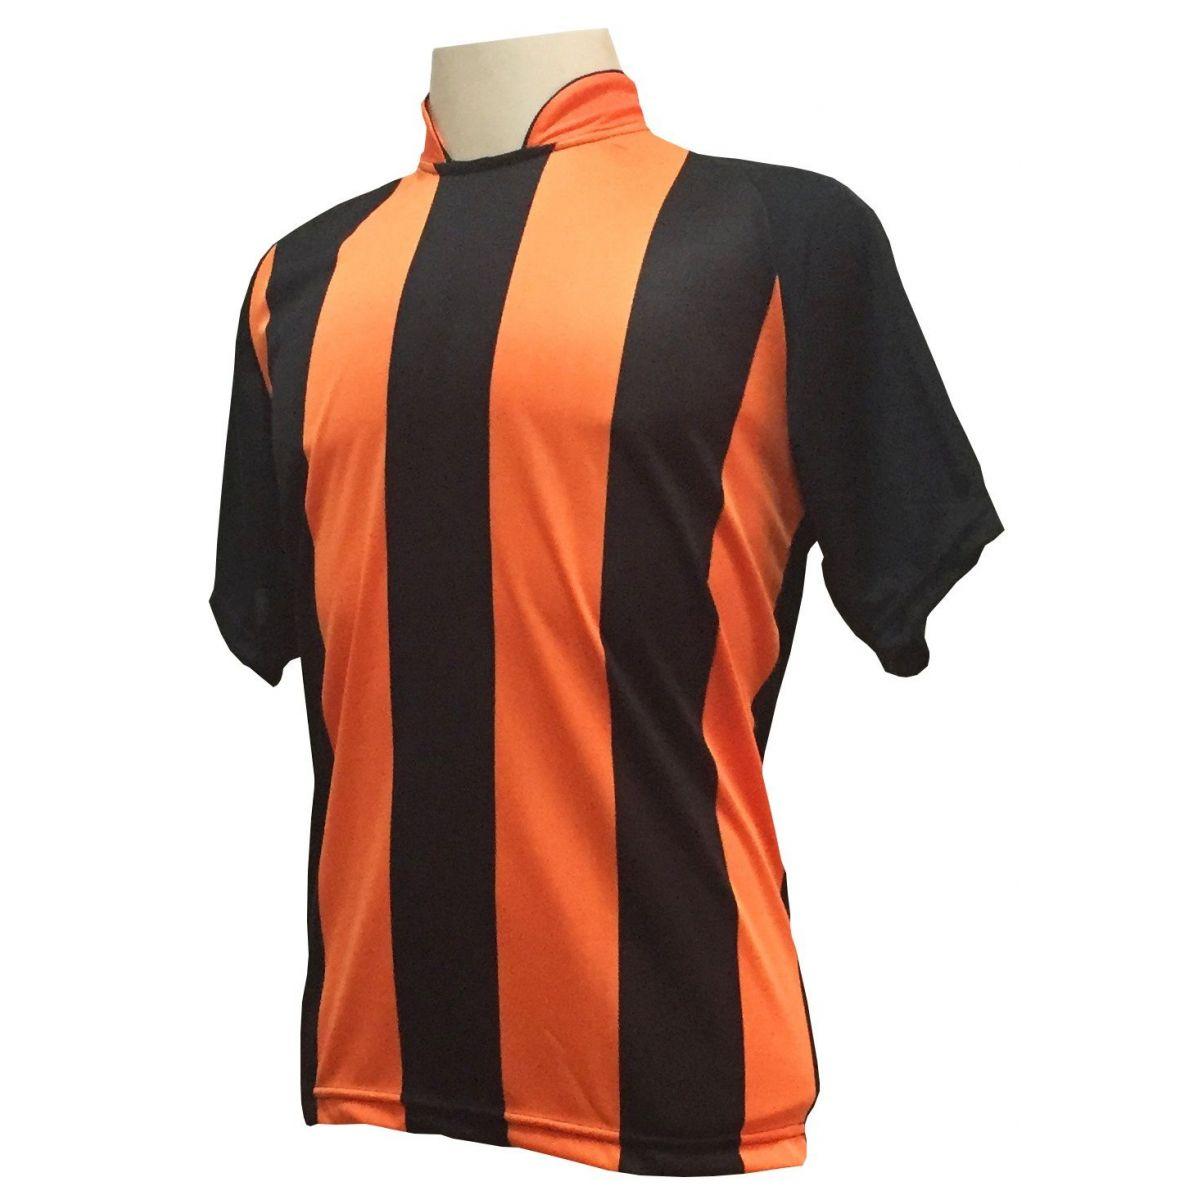 Uniforme Esportivo com 12 Camisas modelo Milan Preto/Laranja + 12 Calções modelo Madrid Preto